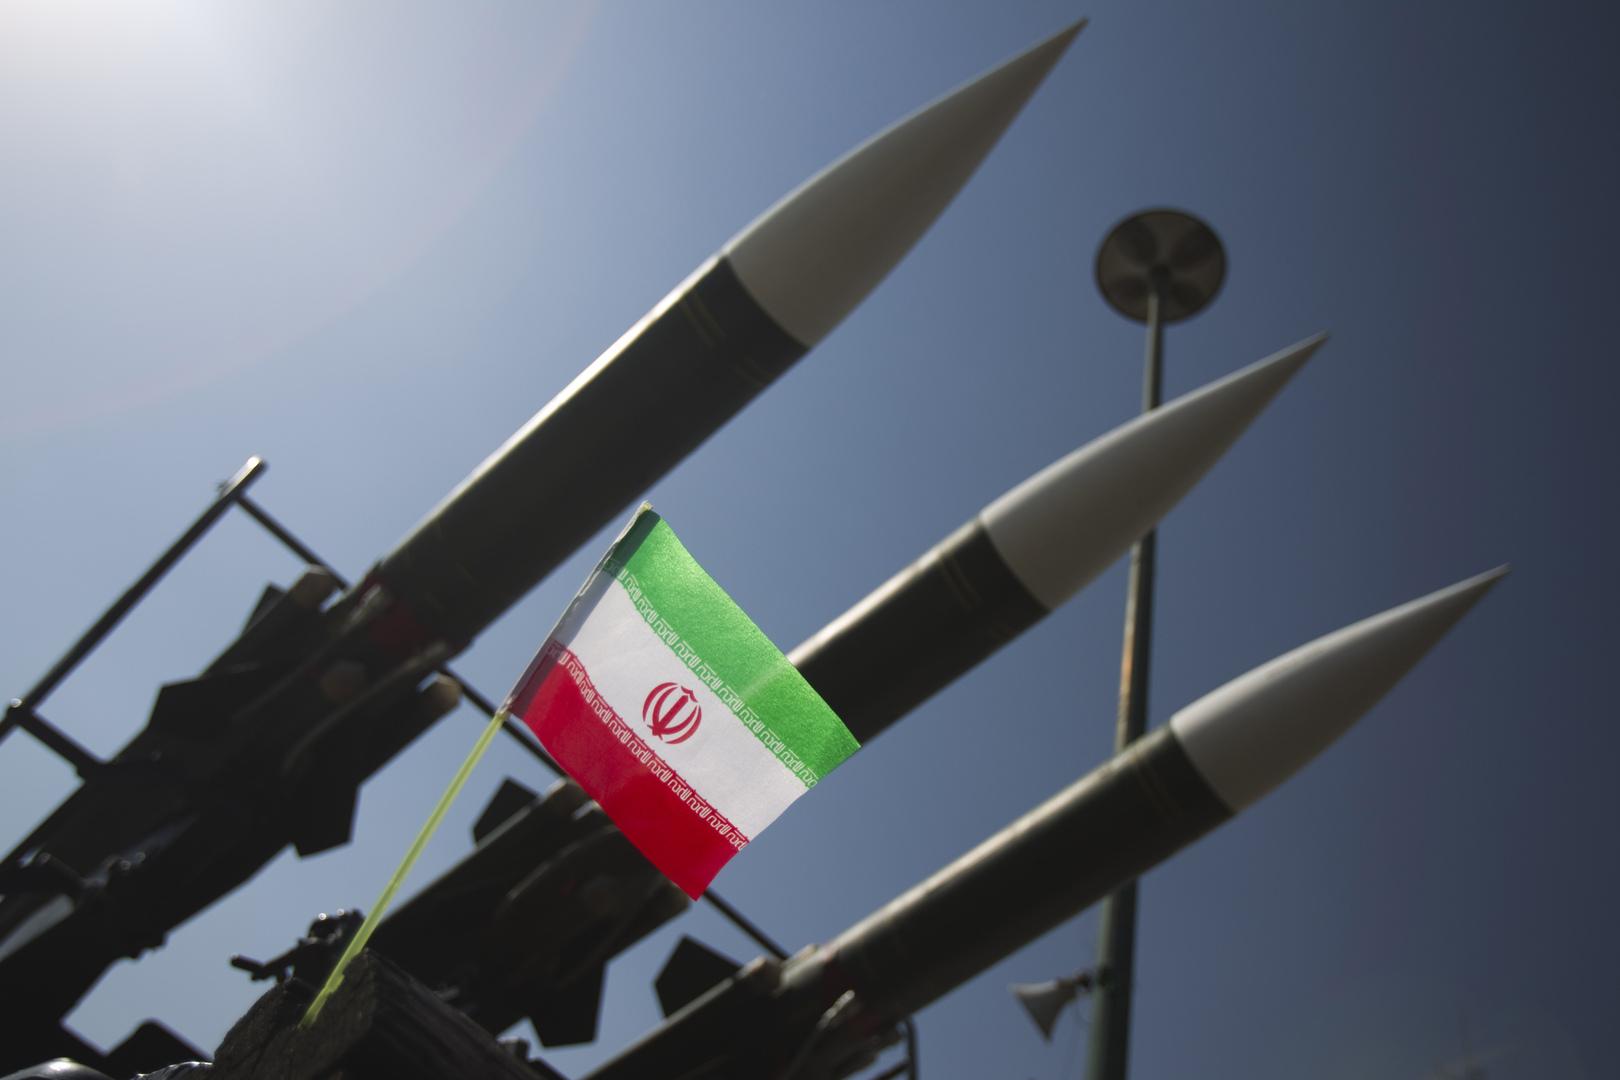 هل هي حرب قادمة؟.. قراءة في مشهد المواجهة بين إسرائيل وإيران